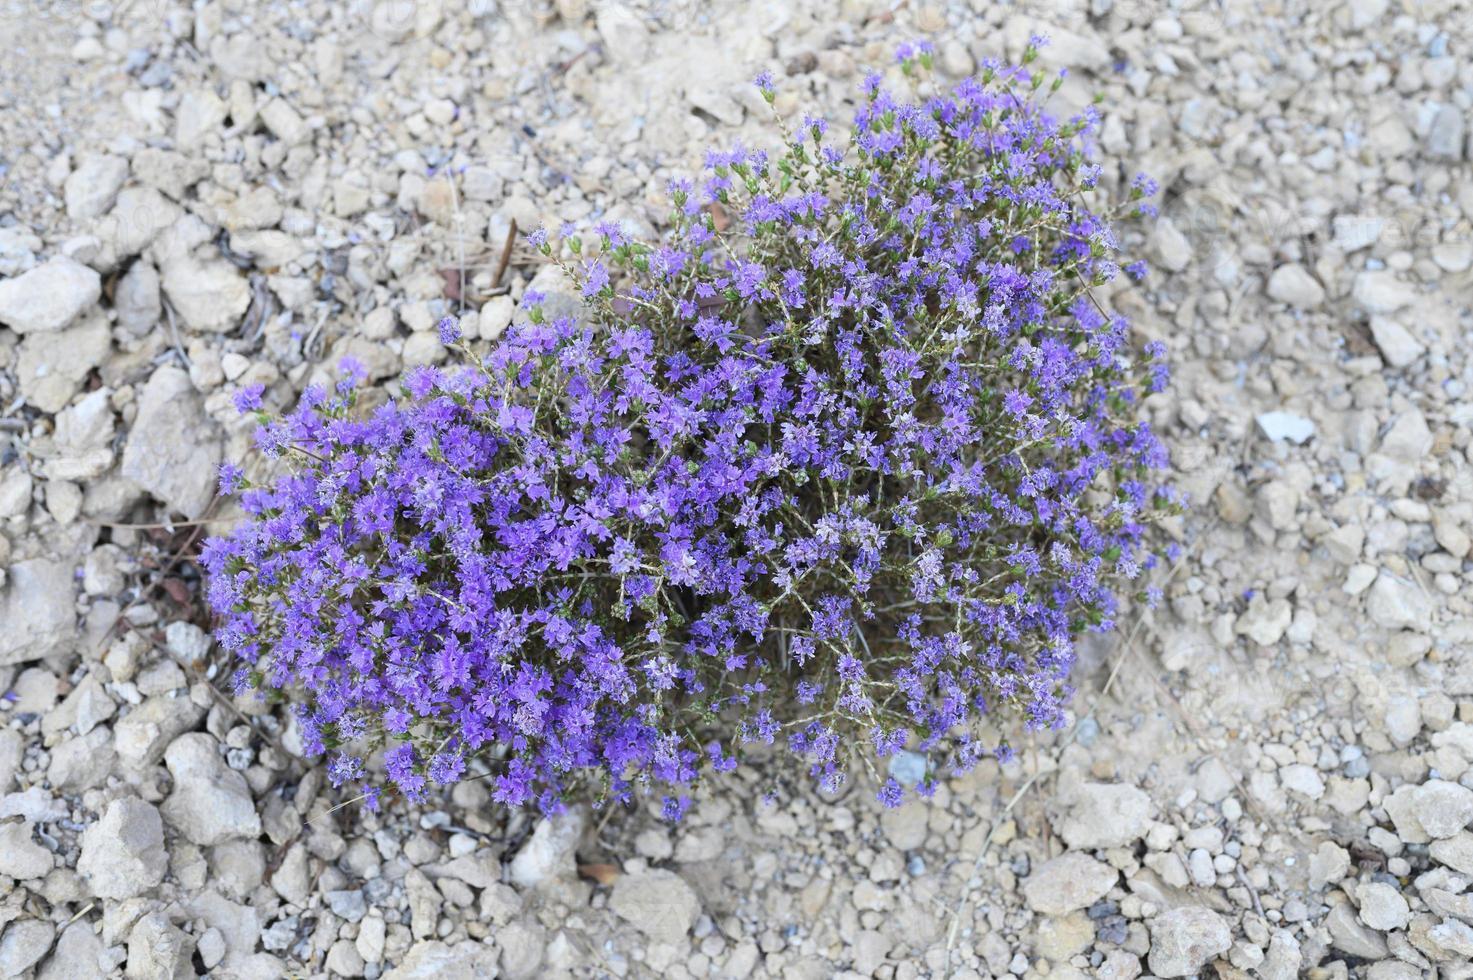 Bush thym sauvage grec de montagne en fleurs fleurs violettes parmi les pierres photo